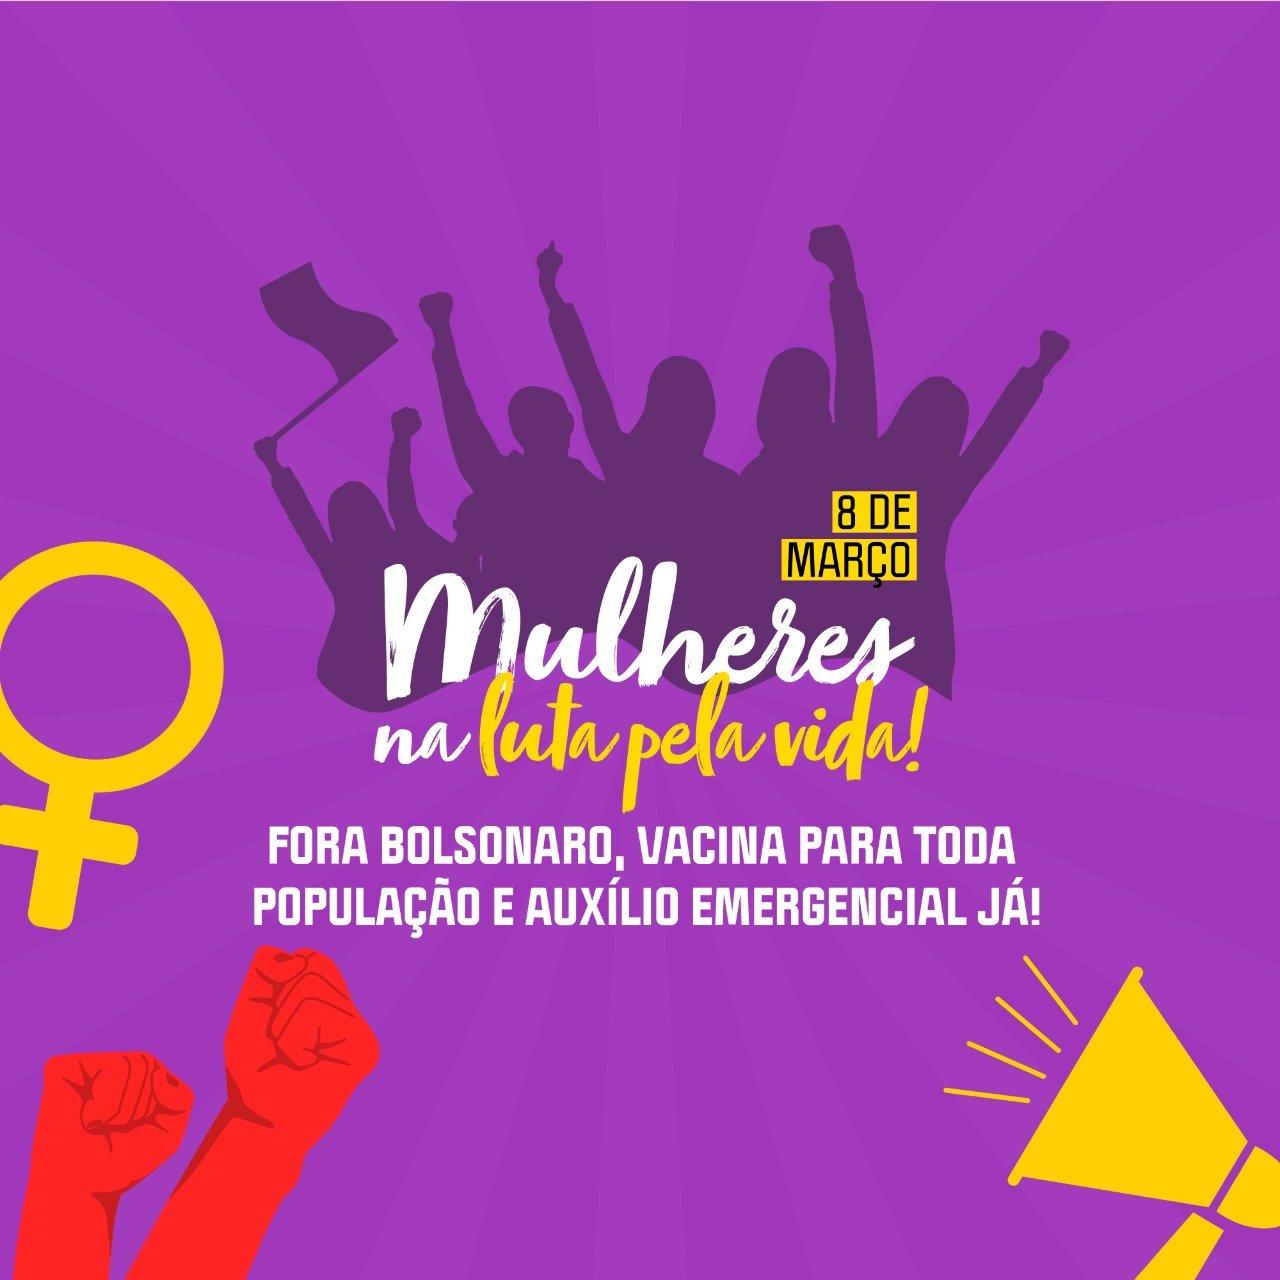 Dia das Mulheres - 8 de Março